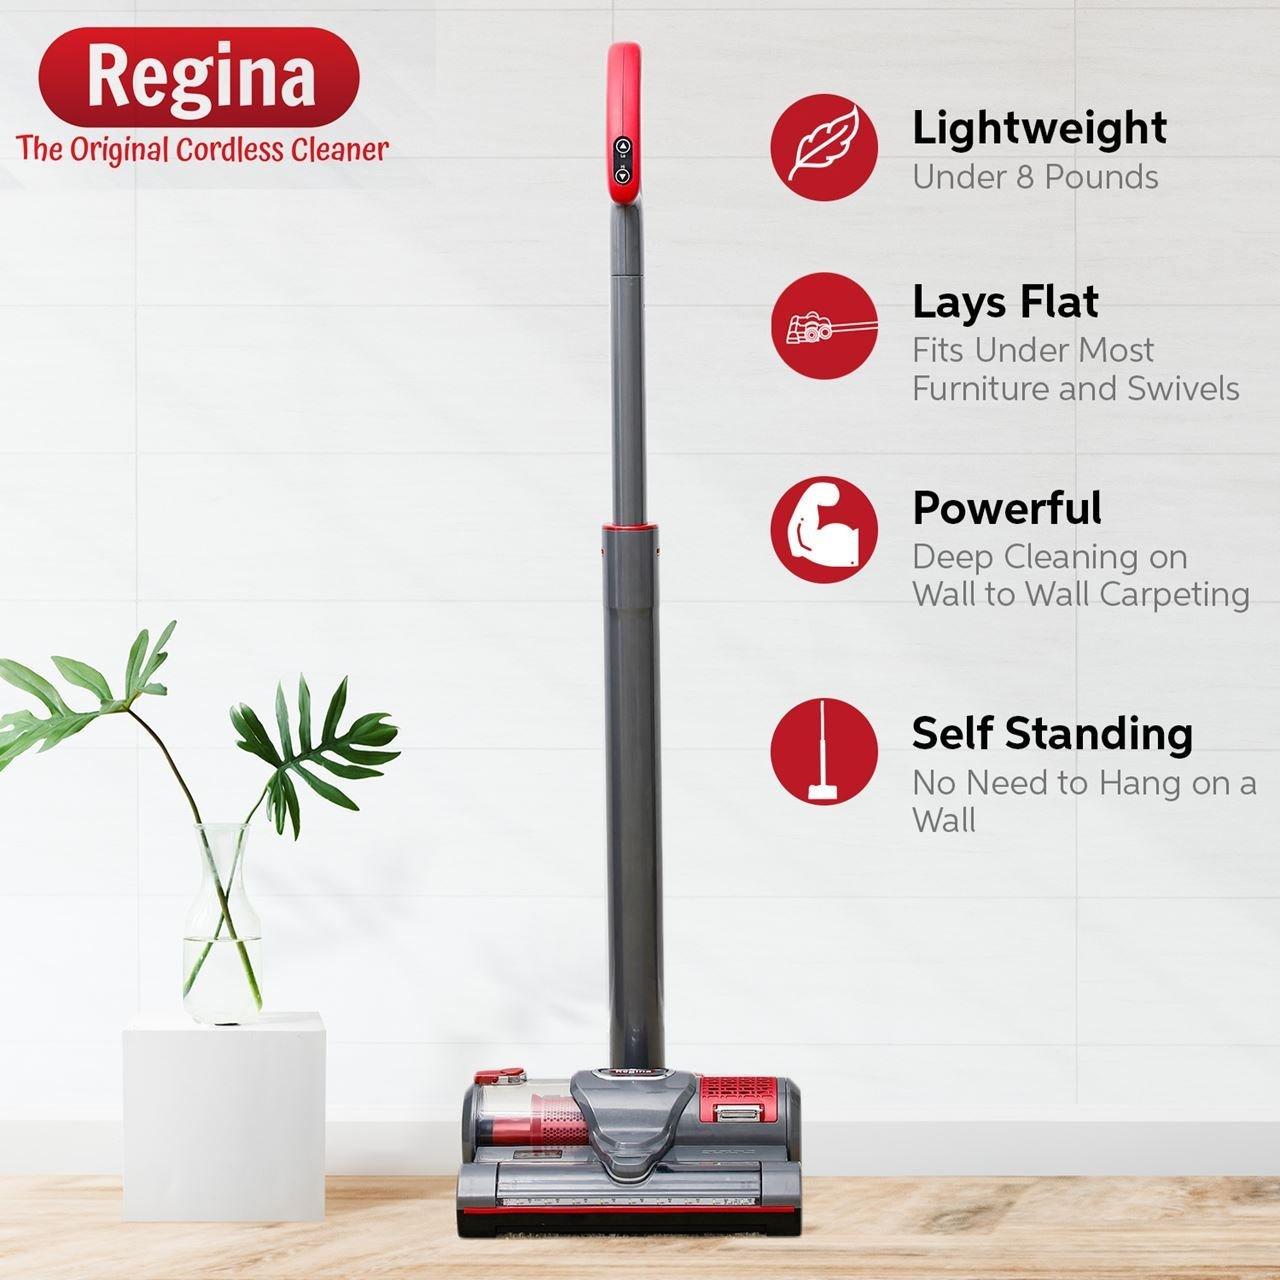 Regina Cordless Cleaner